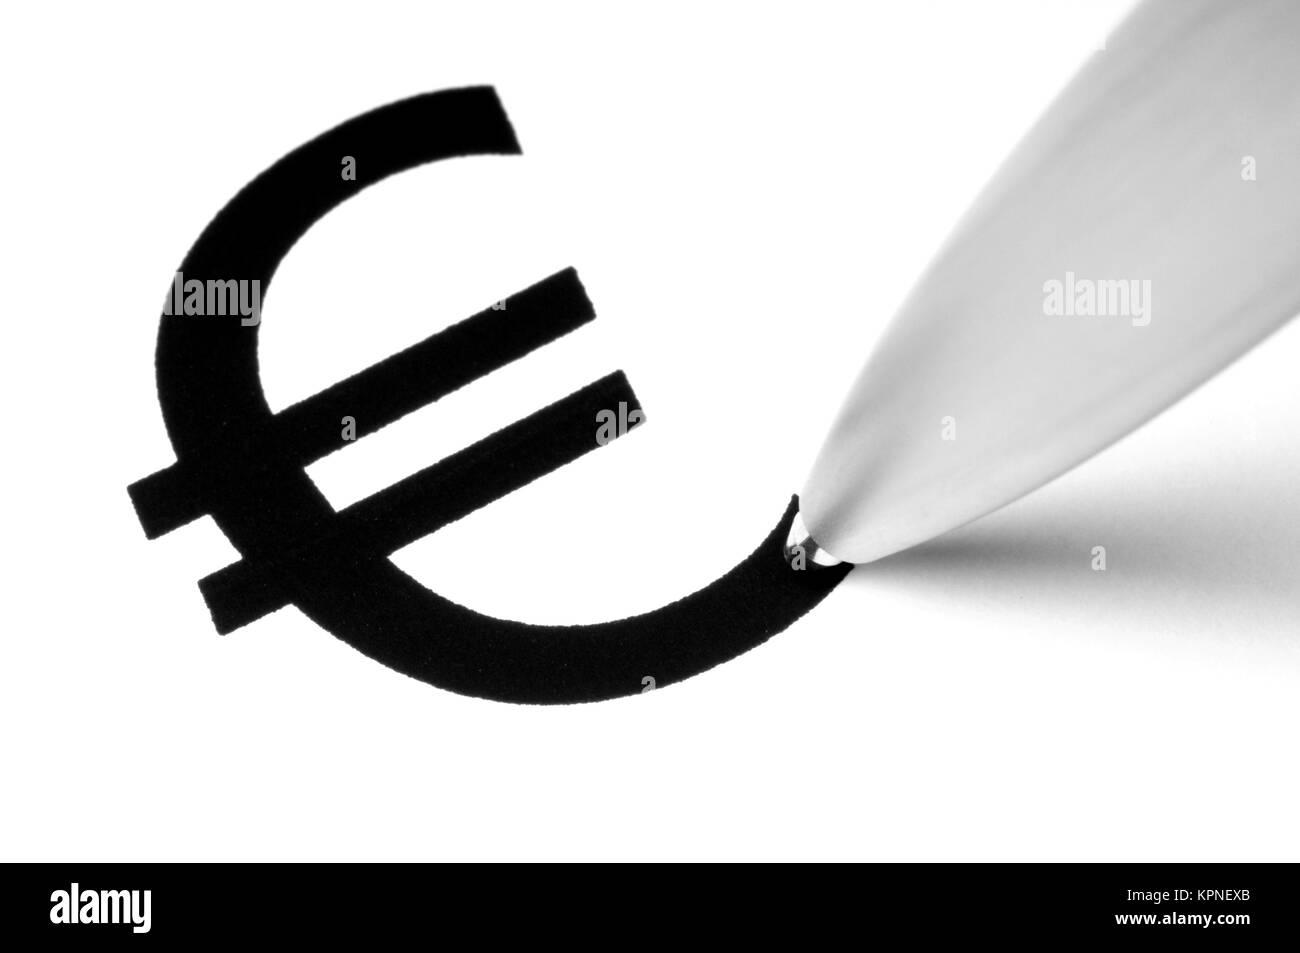 Write off black and white stock photos images alamy euro symbol stock image buycottarizona